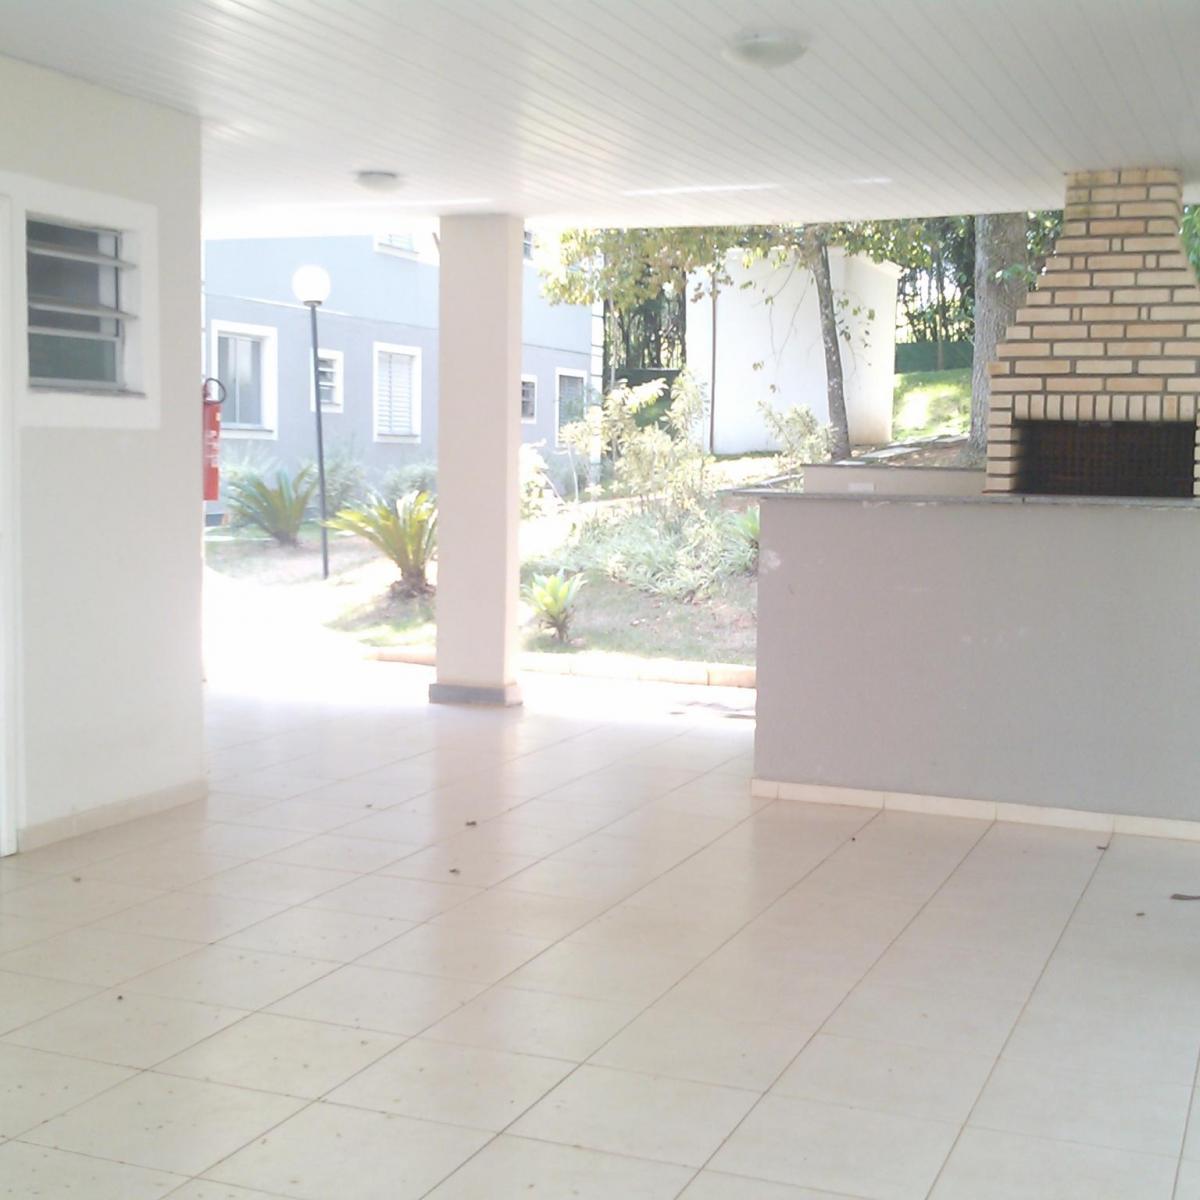 Apartamento Novo 02 Dormitórios Sala Salão de Festas e Churrasqueira  #726B59 1200 1200